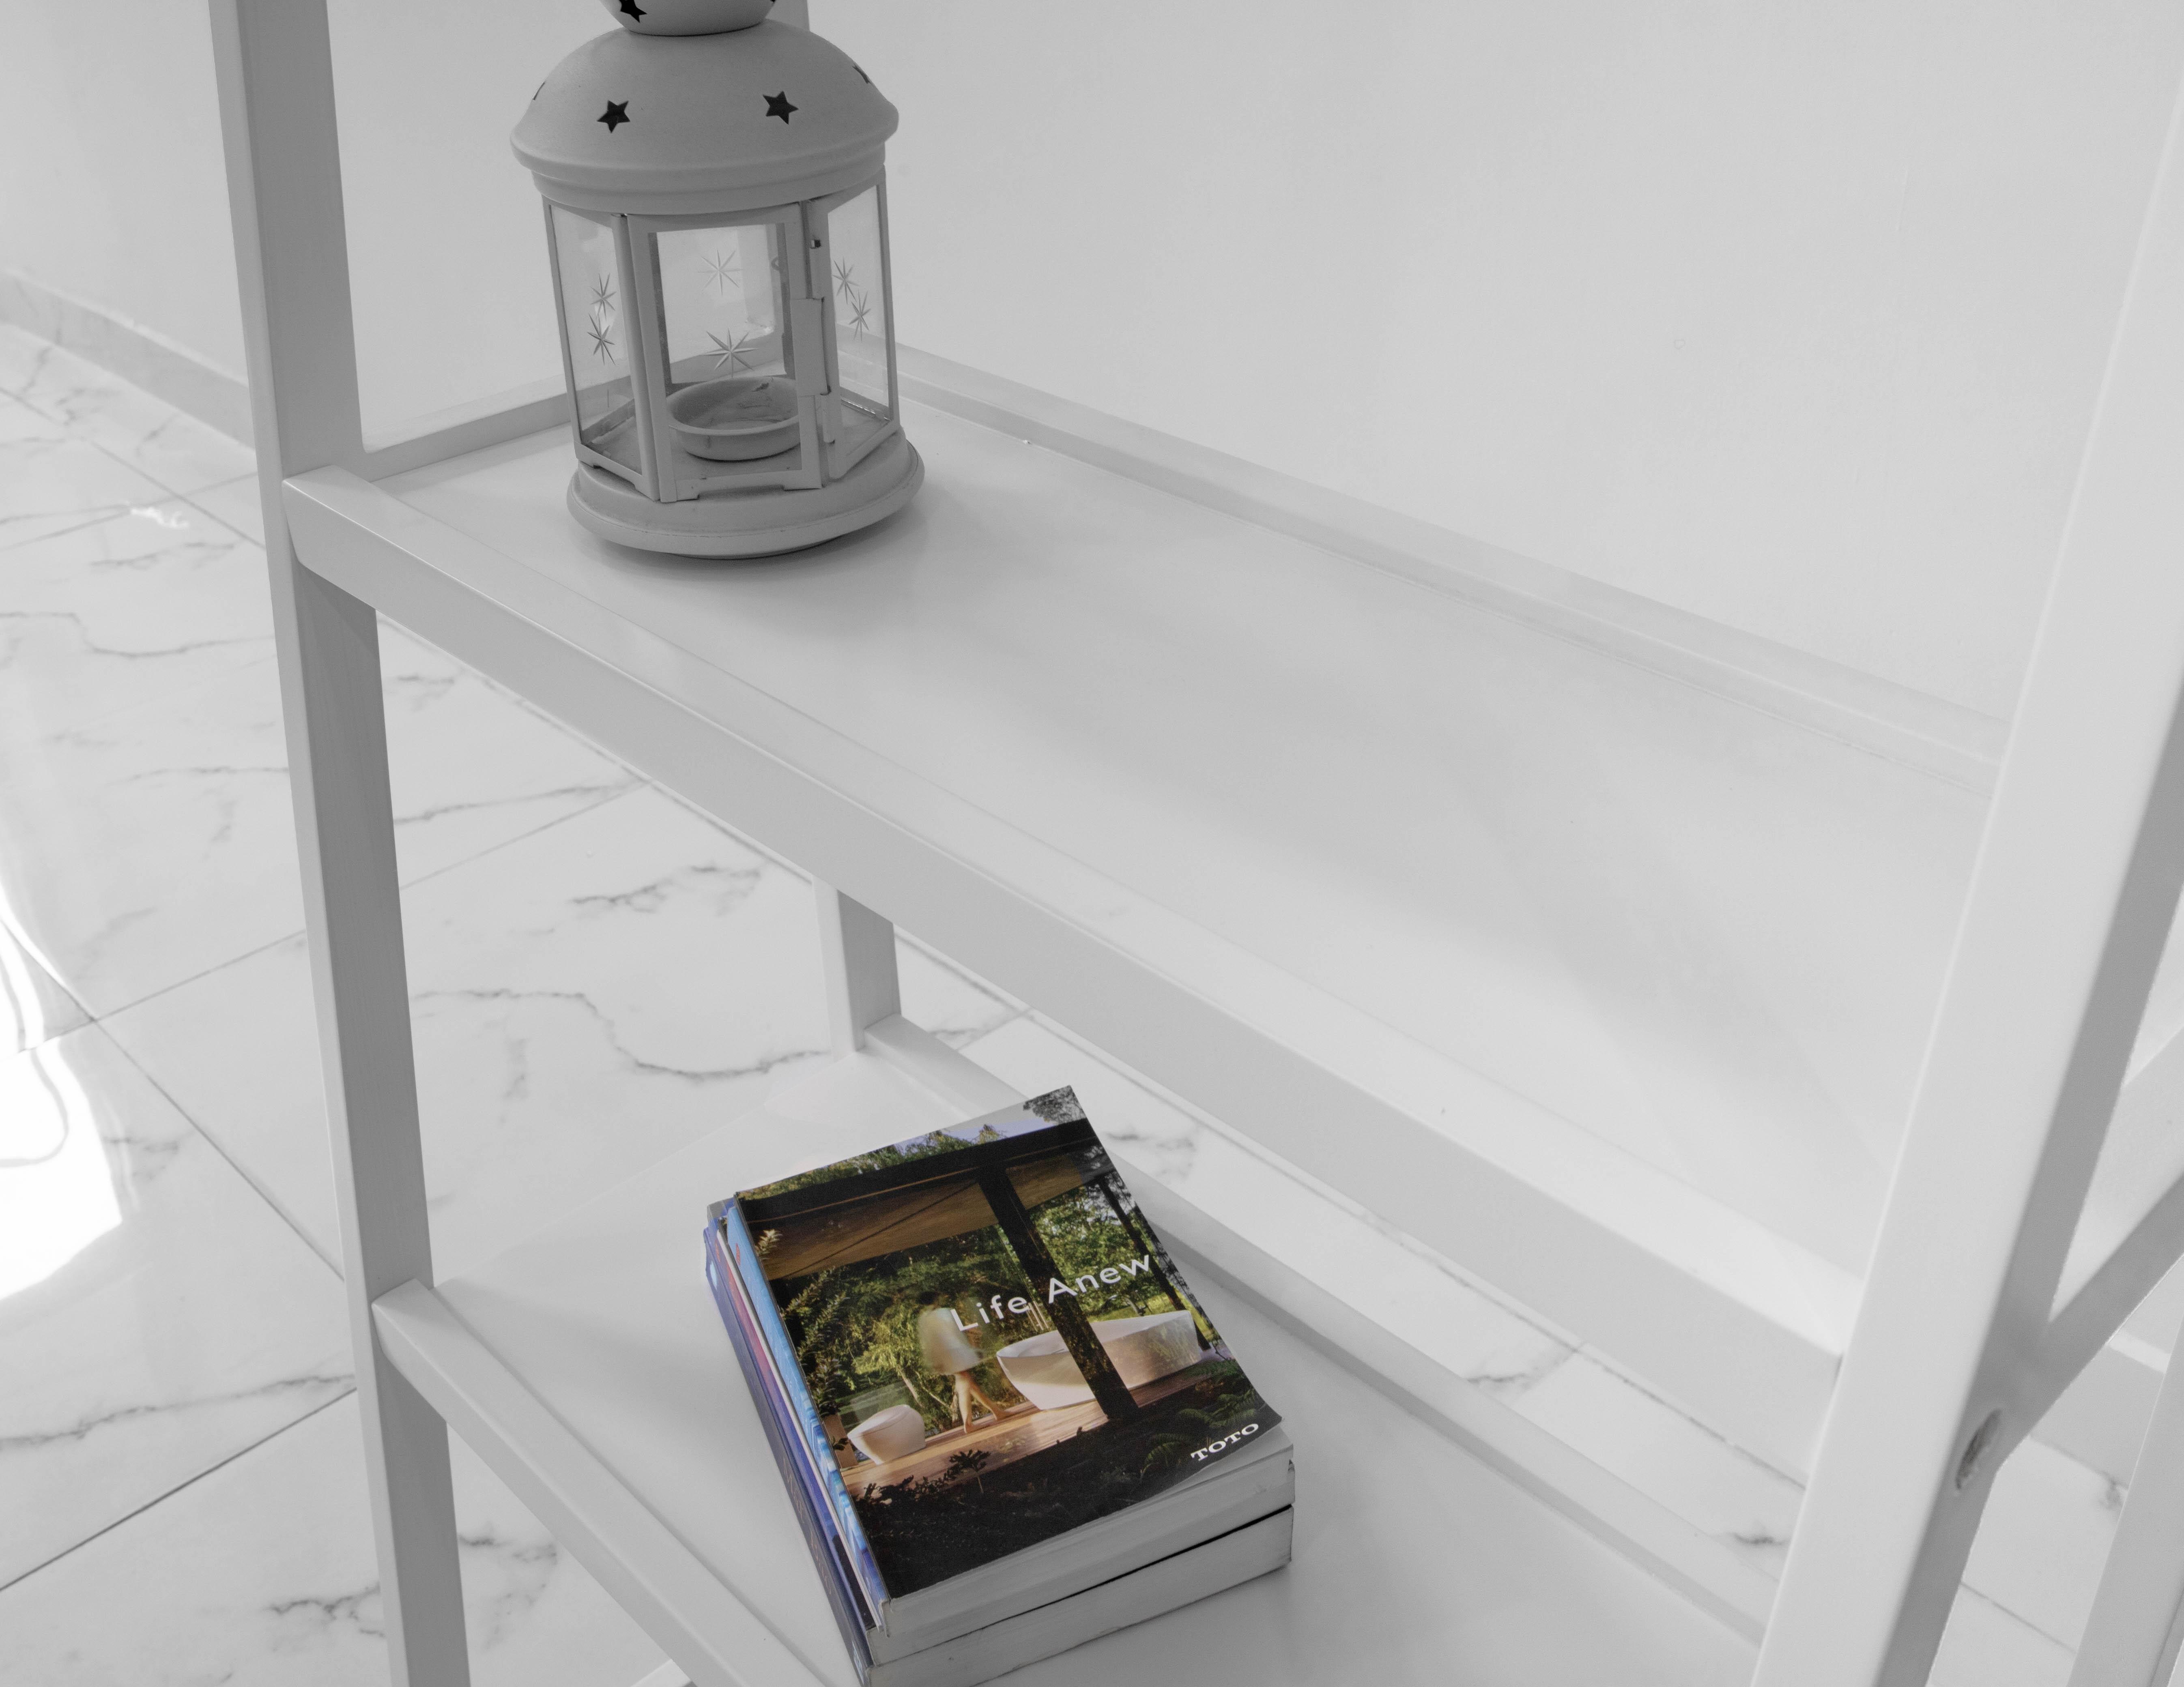 KỆ SÁCH HÀN QUỐC 4 TẦNG HÀN QUỐC MÀU TRẮNG - A BOOKSHELF 4F SIZE L WHITE